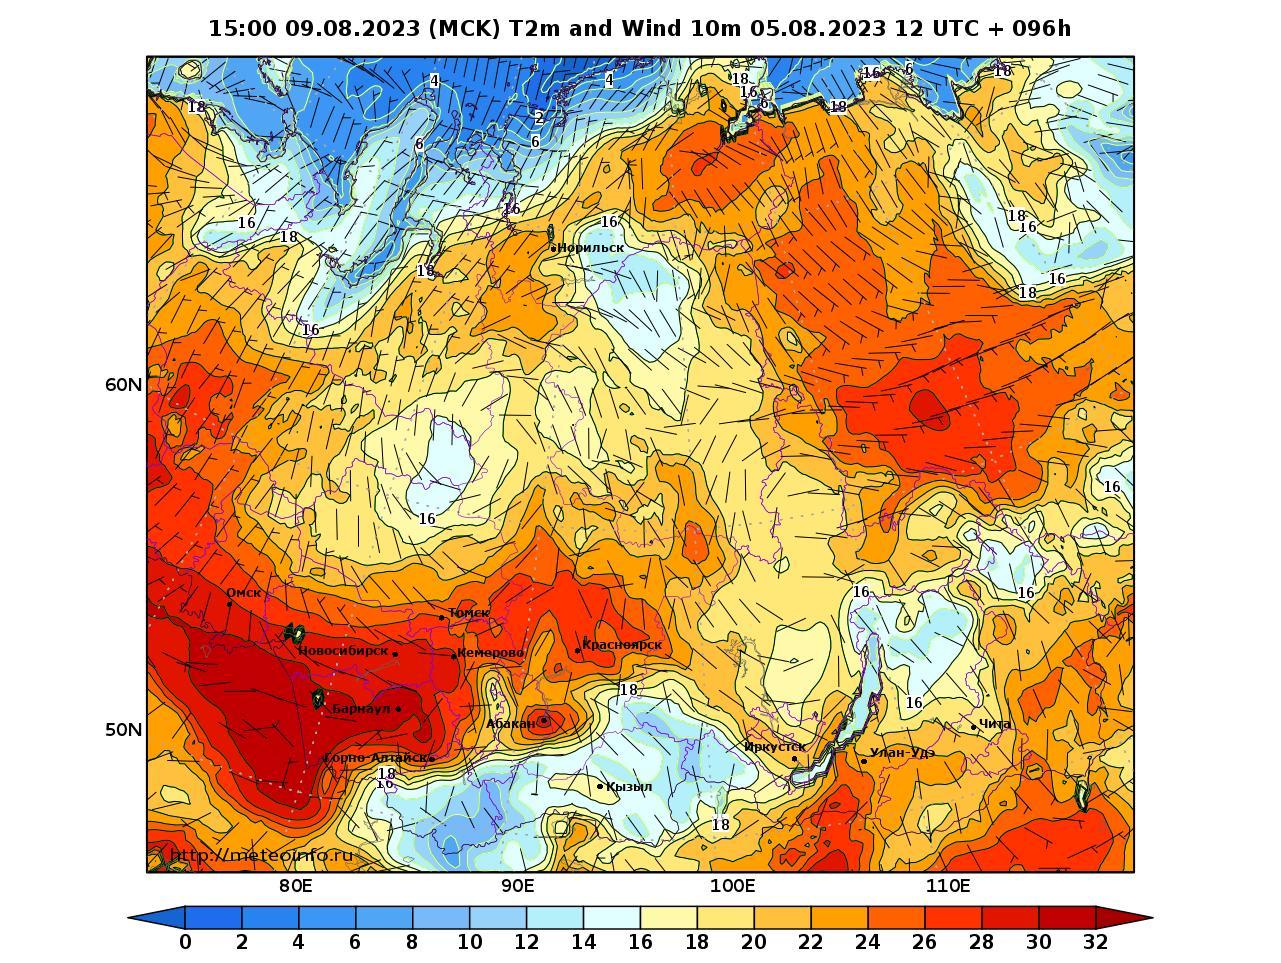 Сибирский Федеральный округ, прогностическая карта приземная температура, заблаговременность прогноза 96 часов